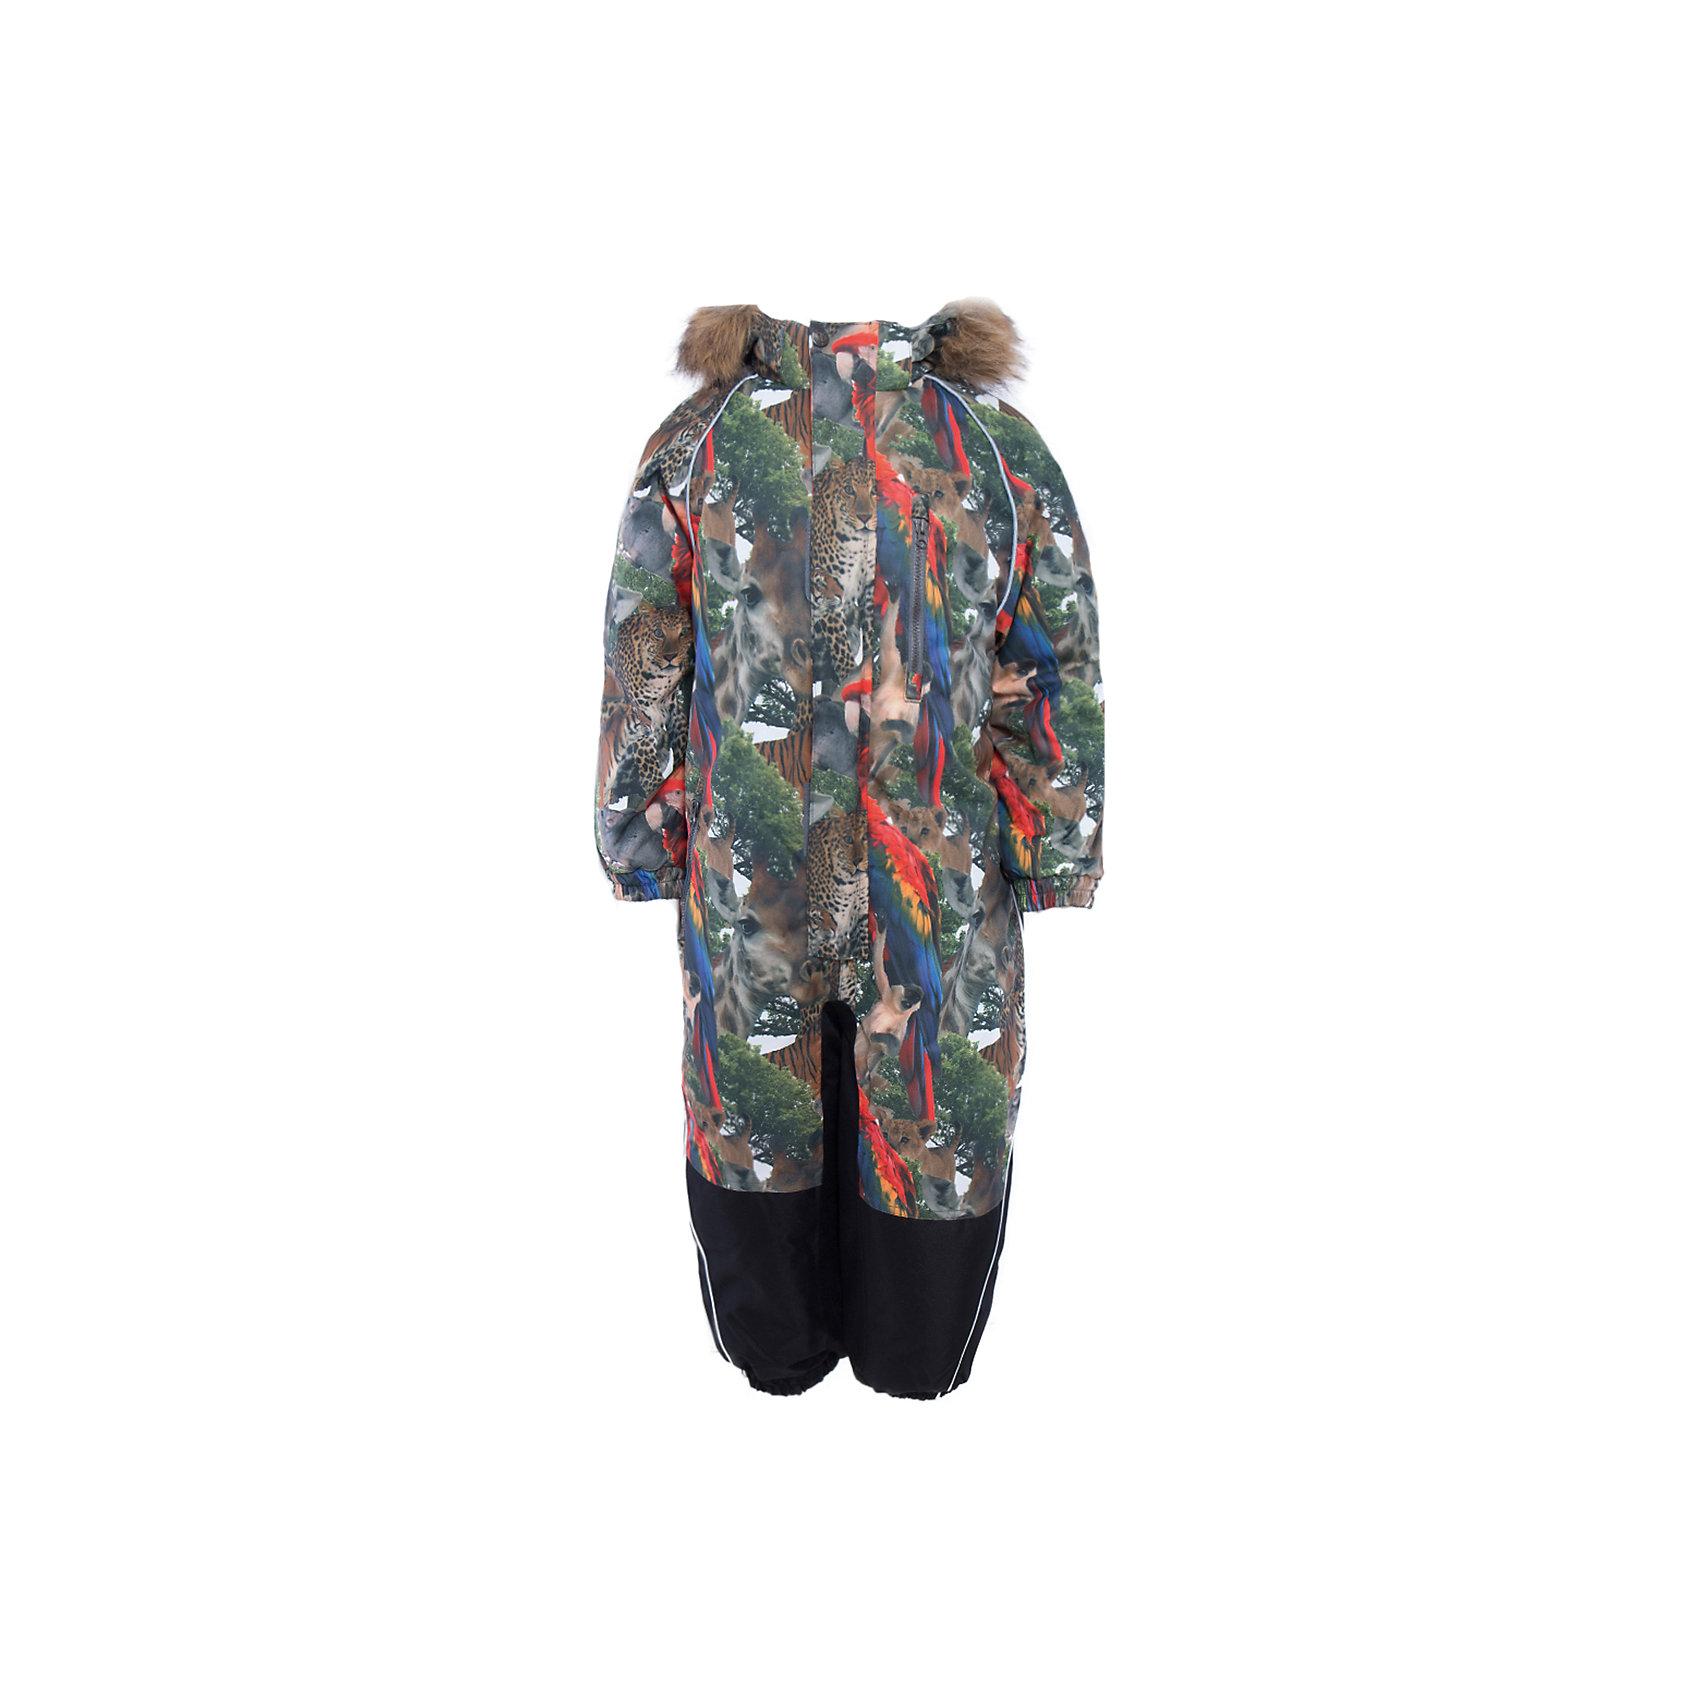 Комбинезон Fenno для мальчика HuppaВерхняя одежда<br>Комбинезон FENNO Huppa(Хуппа).<br><br>Утеплитель: 100% полиэстер, 300 гр.<br><br>Отлично подойдет для активного отдыха в зимнее время. Комбинезон с дышащей водоотталкивающей поверхностью и мягкой подкладкой идеально сидит по фигуре, благодаря резинкам на манжетах и талии. С этим комбинезоном ребенок смело может играть в сугробах, не боясь замерзнуть и промокнуть!<br><br>Особенности:<br>-утеплитель HuppaTherm<br>-съемный капюшон с отстегивающимся мехом<br>-наружный и внутренний карман на молнии<br>-светоотражающие элементы<br>-шаговый шов, внутренние и боковые швы проклеены<br><br>Дополнительная информация:<br>Материал: 100% полиэстер<br>Подкладка: тафта, флис - 100% полиэстер<br>Цвет: разноцветный<br>Вы можете приобрести комбинезон FENNO Huppa(Хуппа) в нашем интернет-магазине.<br><br>Ширина мм: 356<br>Глубина мм: 10<br>Высота мм: 245<br>Вес г: 519<br>Цвет: белый<br>Возраст от месяцев: 18<br>Возраст до месяцев: 24<br>Пол: Мужской<br>Возраст: Детский<br>Размер: 92,134,122,128,98,104,110,116<br>SKU: 4928710